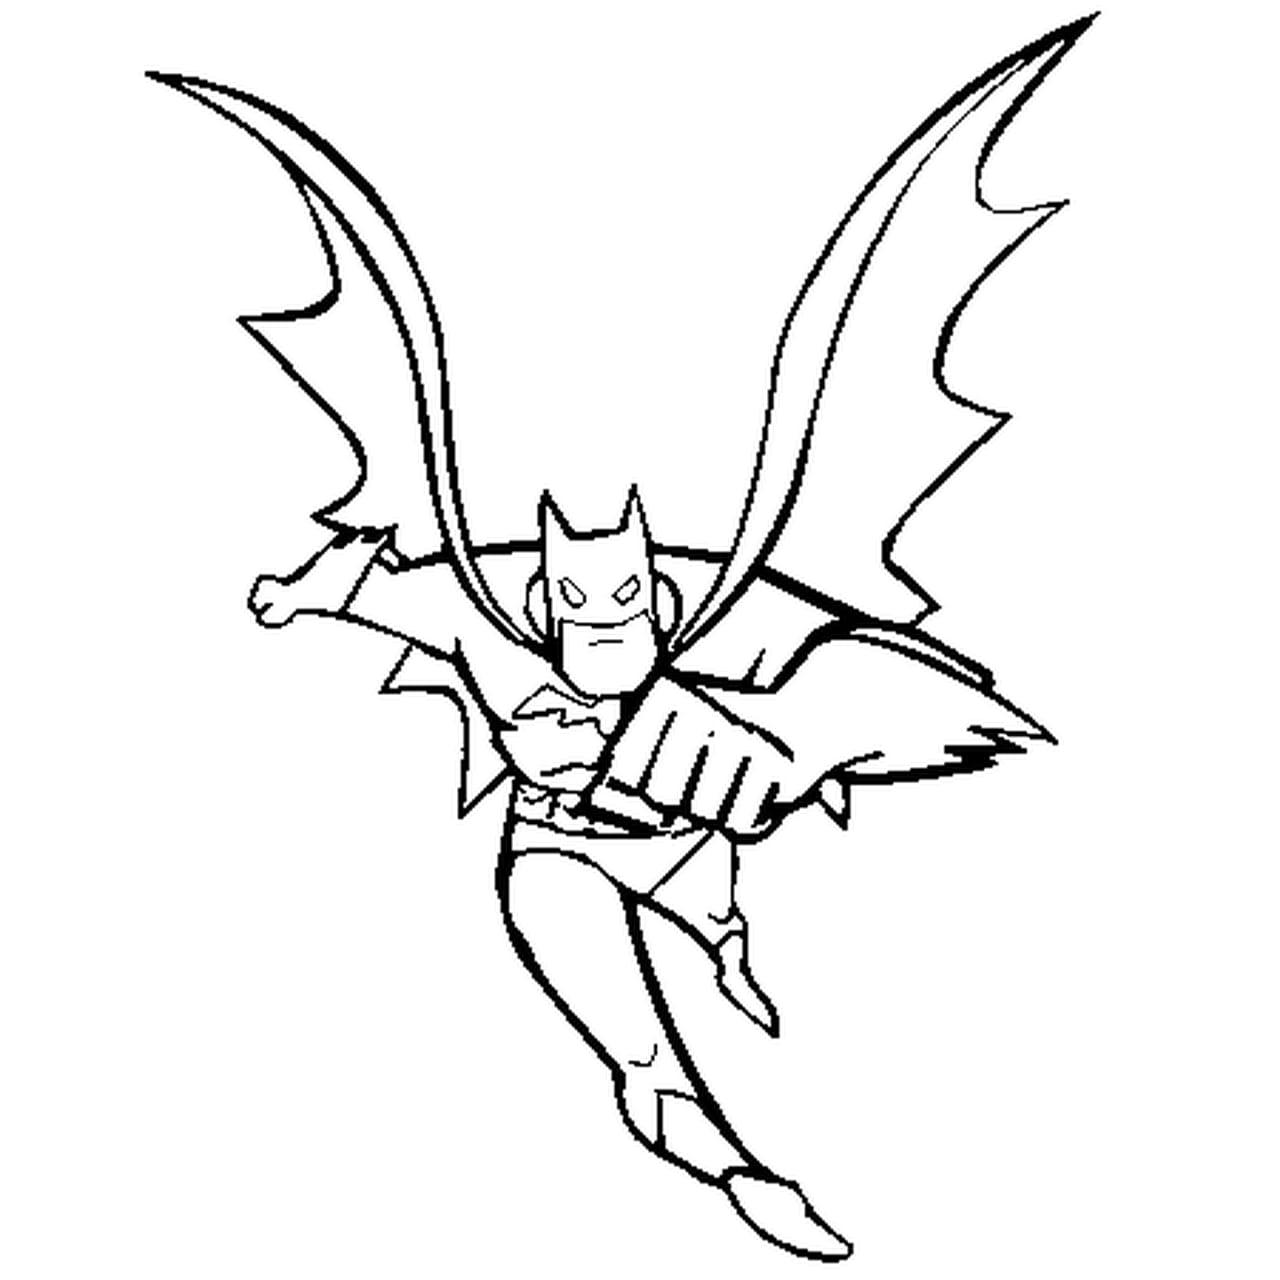 Coloriage Magique Batman.Coloriage Batman En Ligne Gratuit A Imprimer